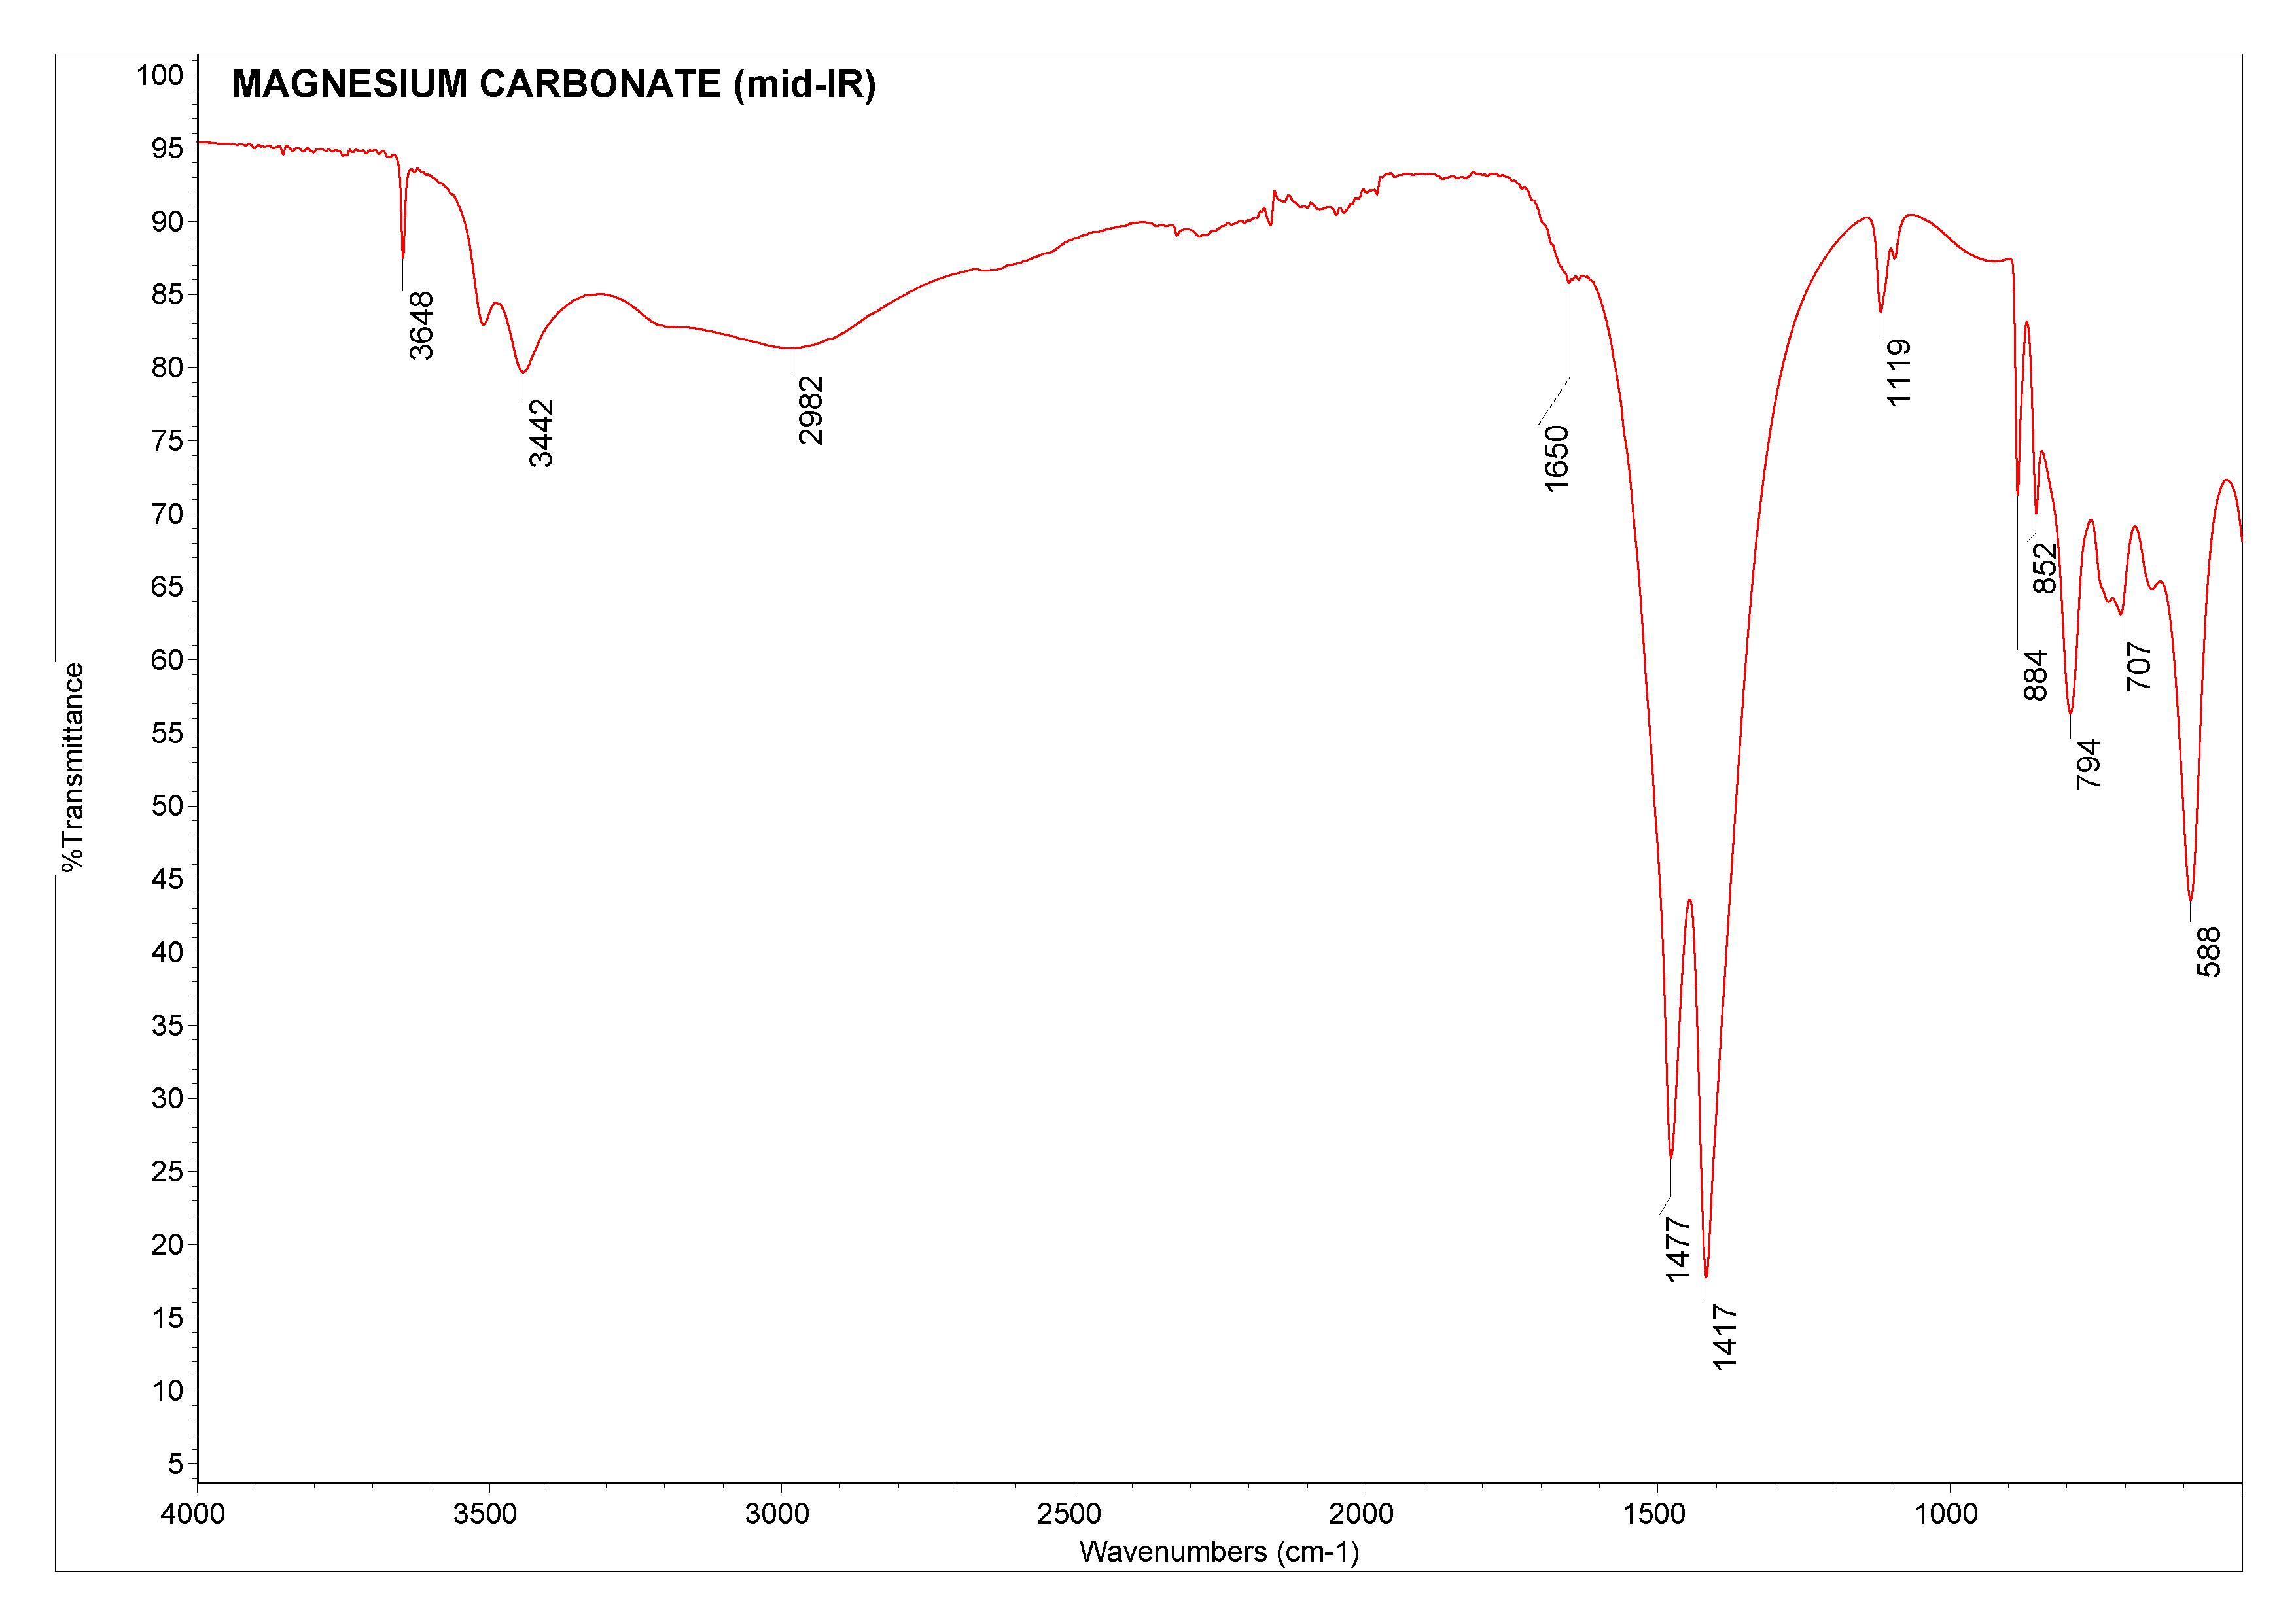 Magnesium carbonate (mid-IR)